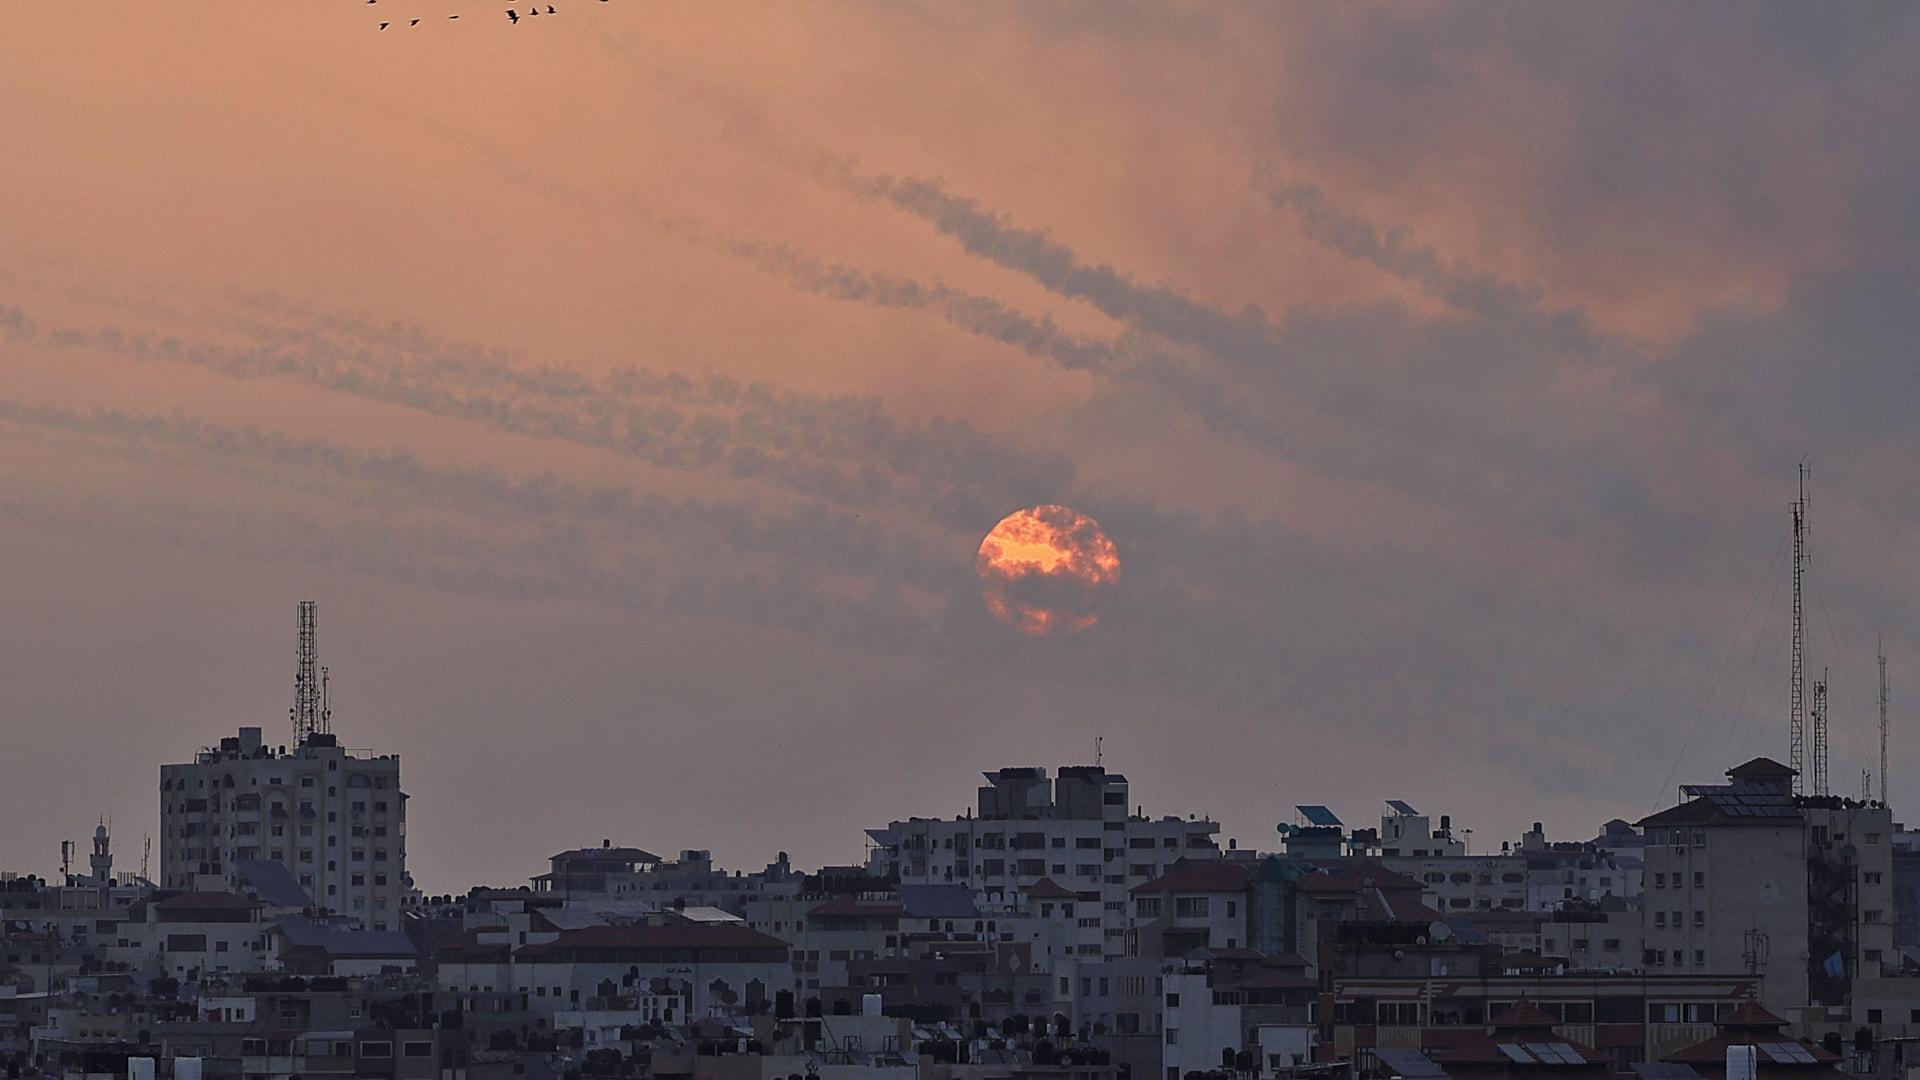 إطلاق صواريخ من قطاع غزة صوب إسرائيل